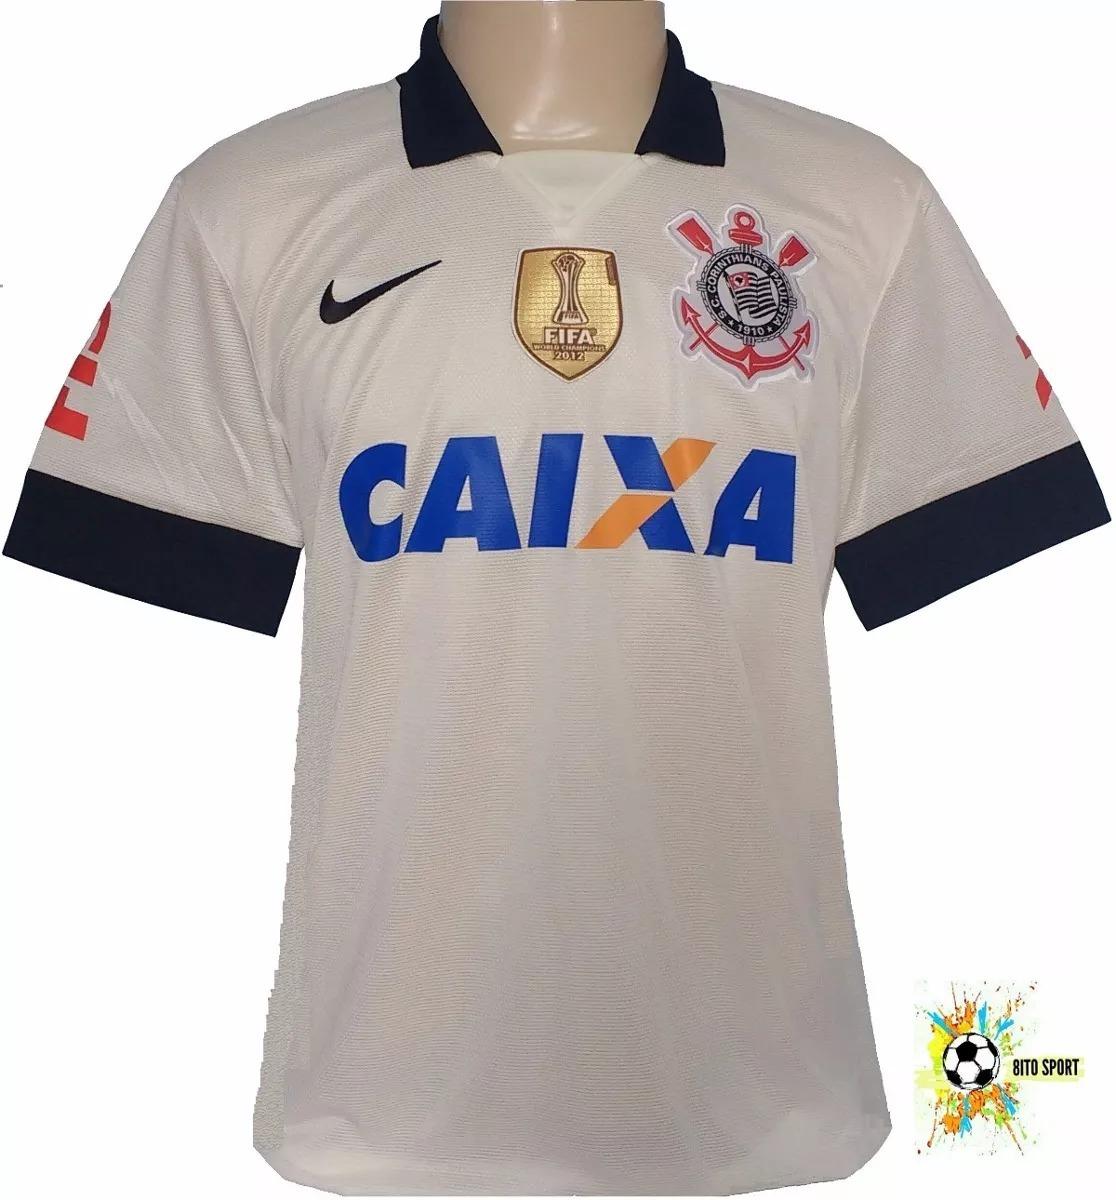 449fa4922b40d camisa corinthians 2013 nike patch escudo campeão fifa 2012. Carregando zoom .